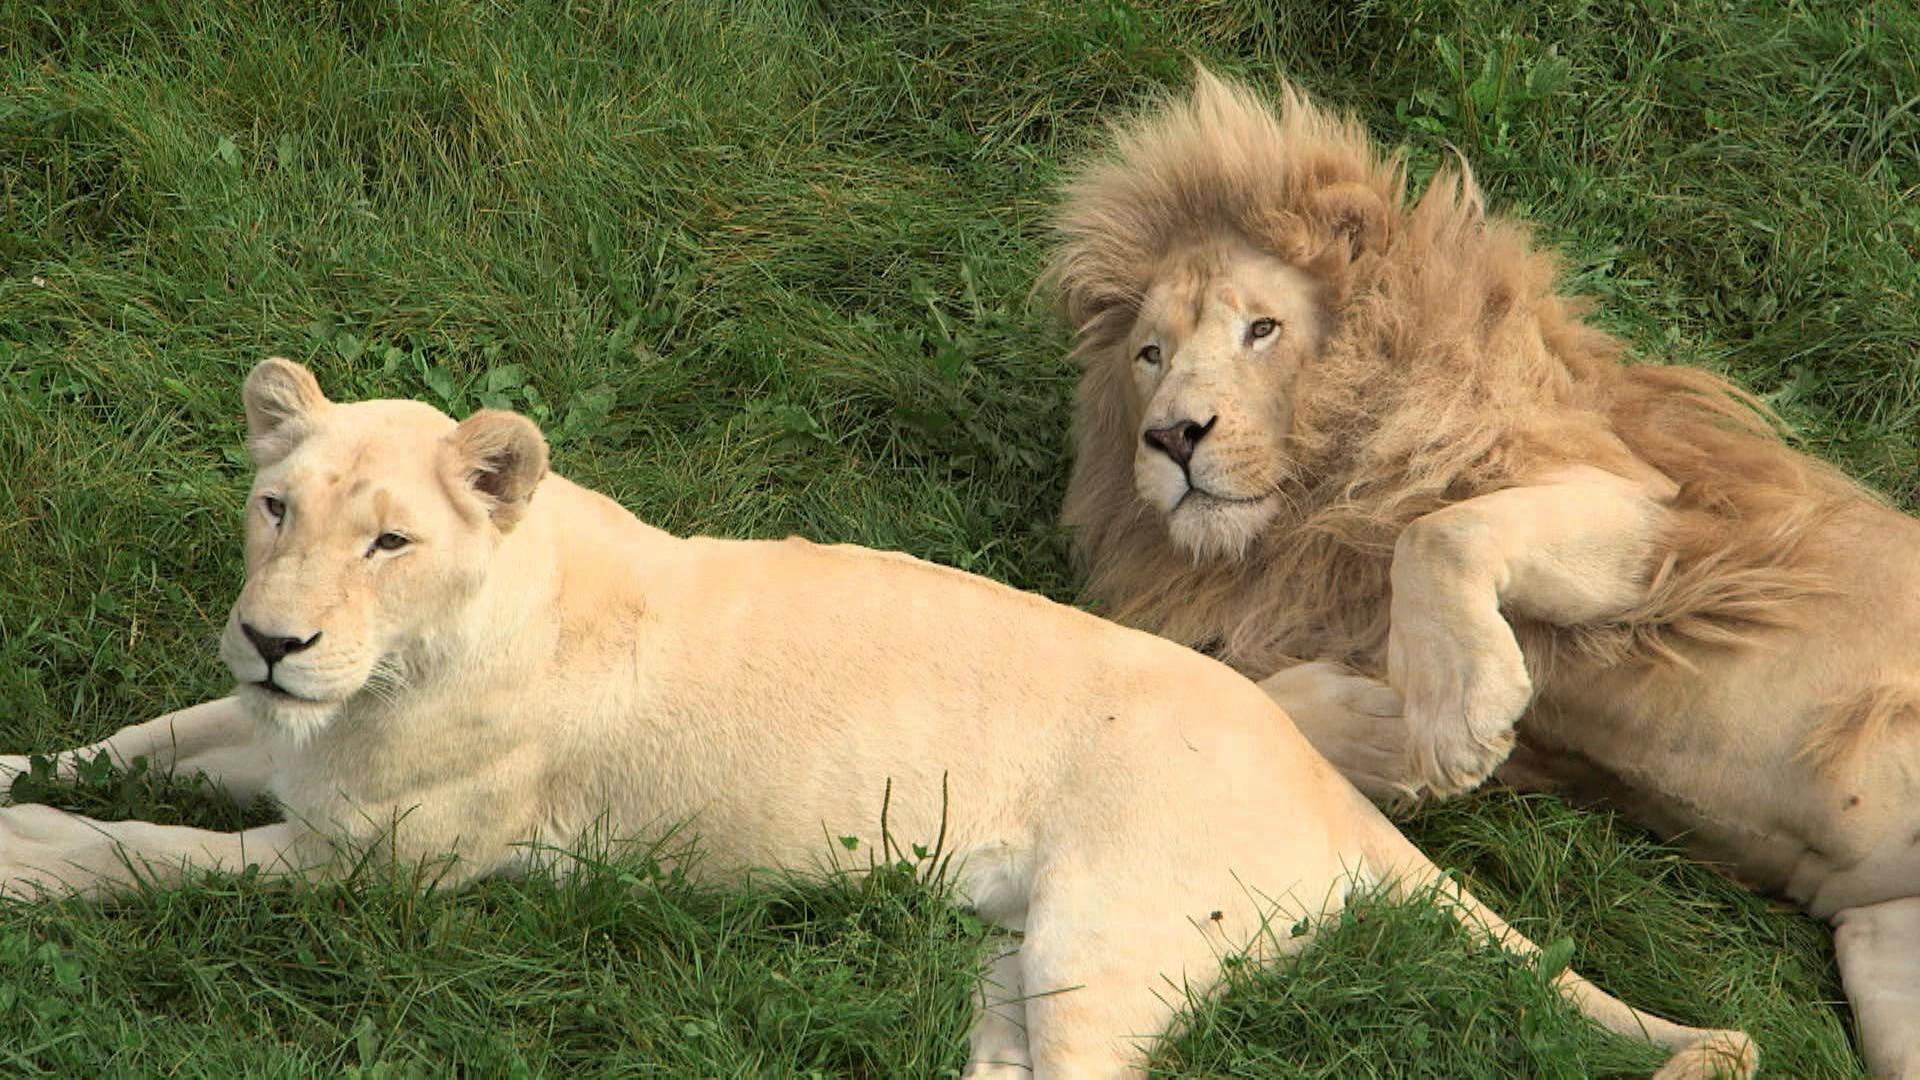 le lion blanc 100 animal zone vid o t l qu bec. Black Bedroom Furniture Sets. Home Design Ideas